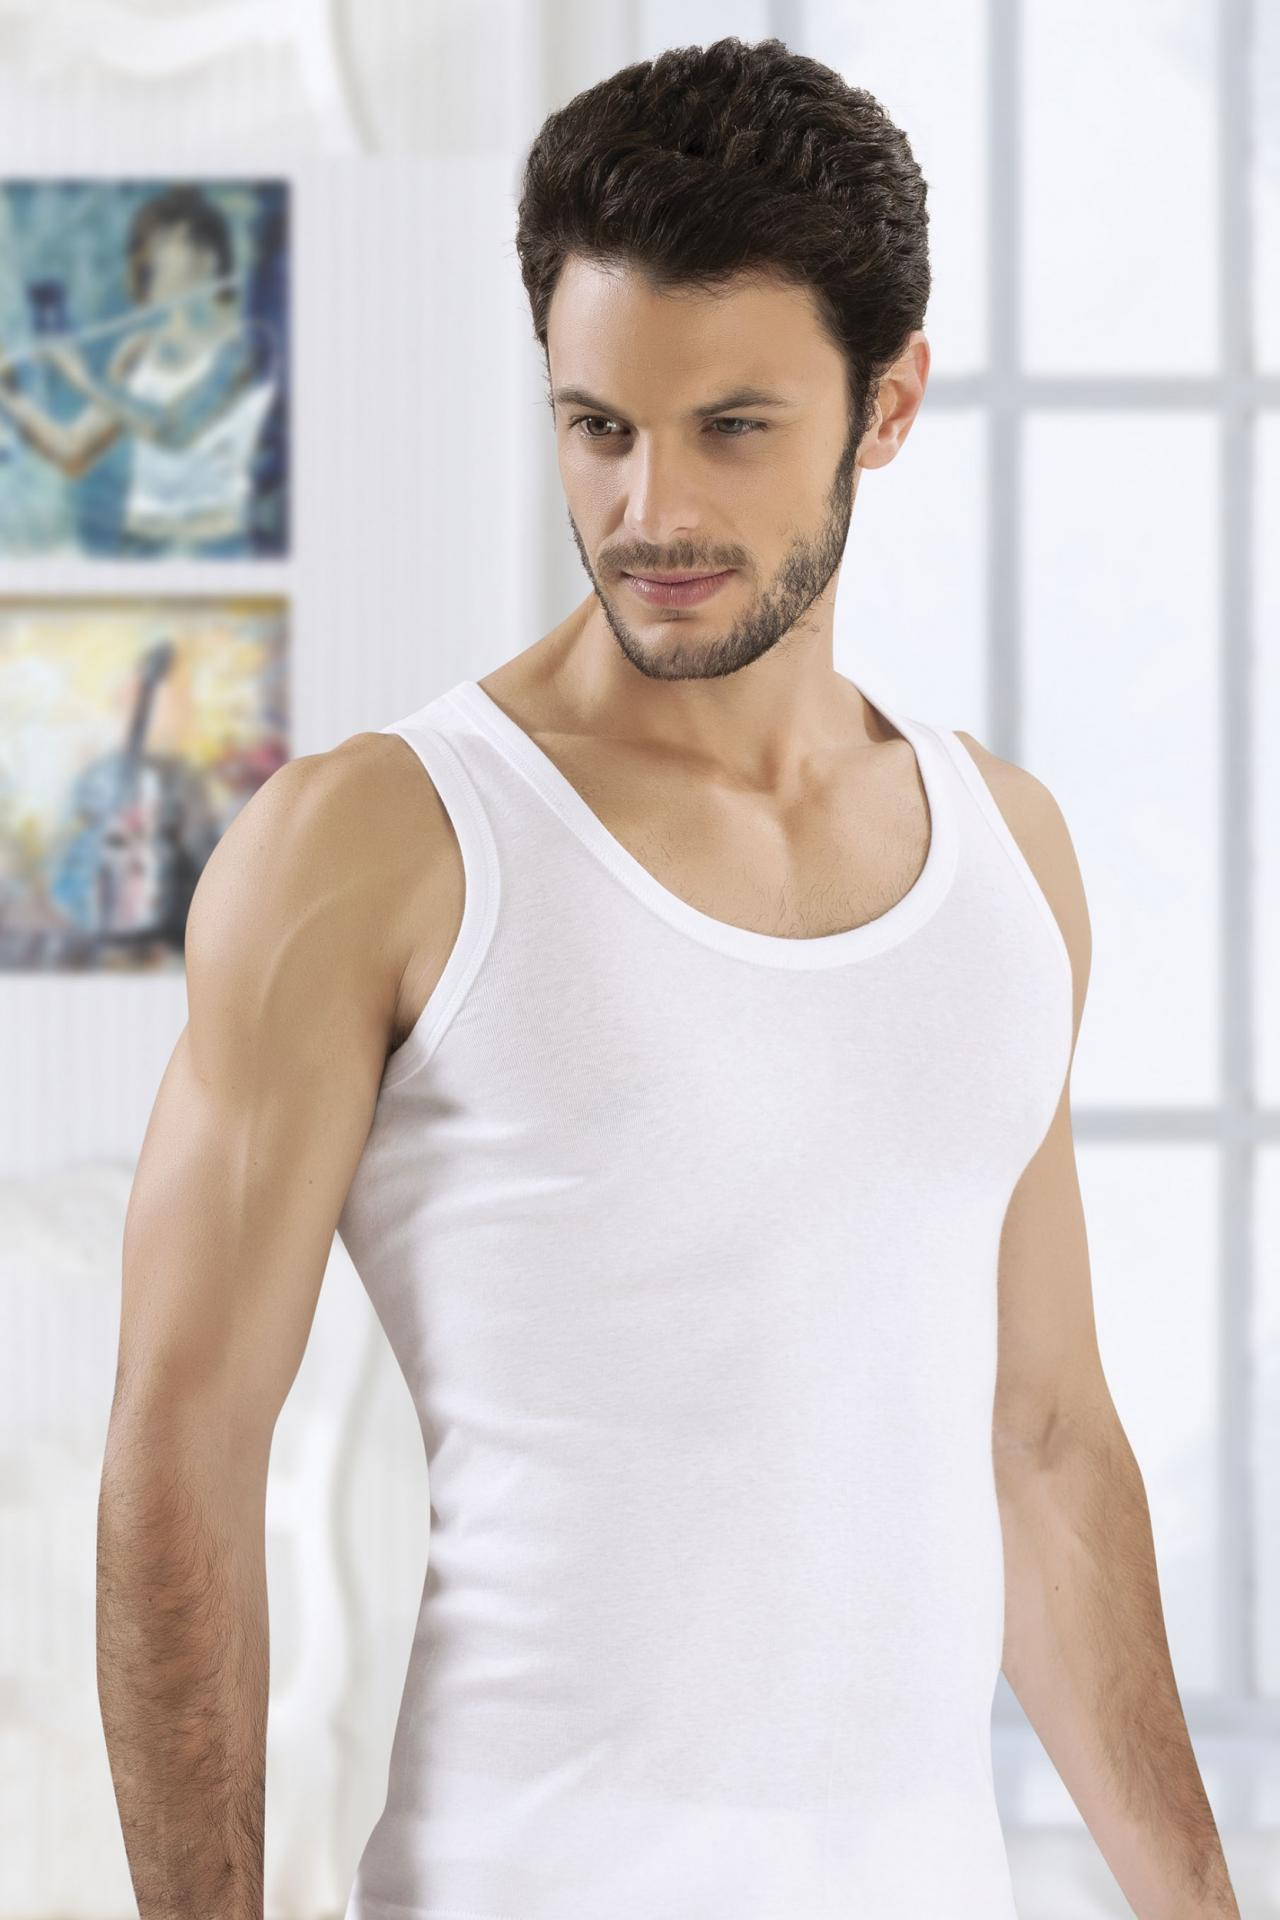 صورة افضل ملابس داخليه رجاليه , ملابس داخلية للشباب مريحة جدا